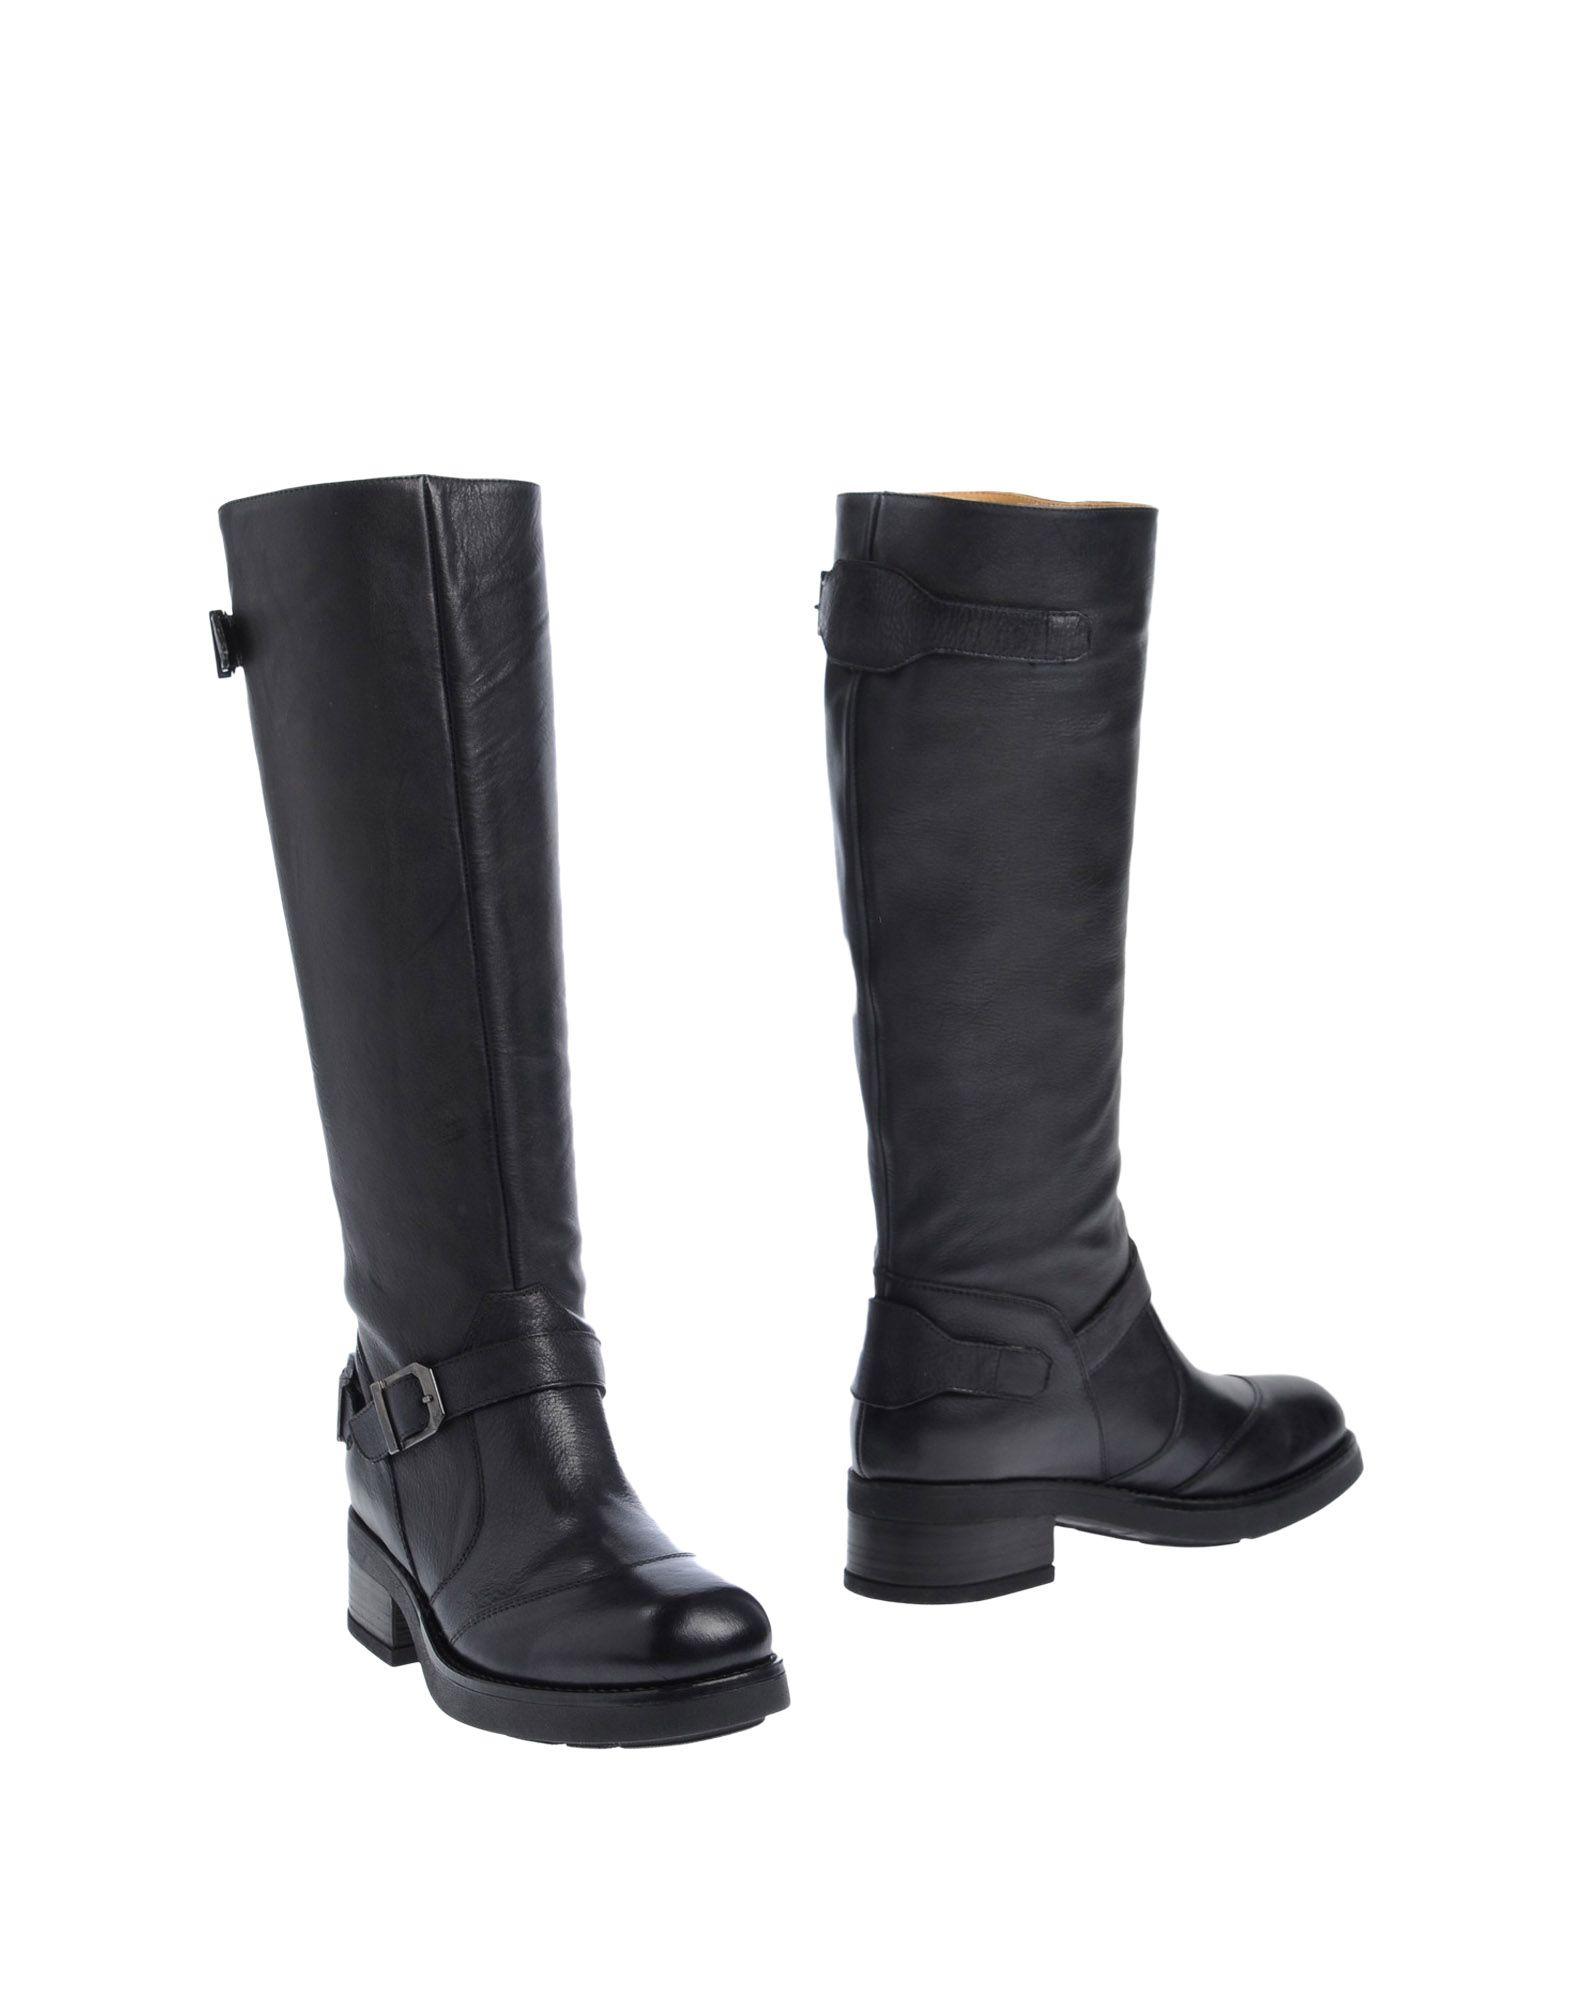 Pf16 Pf16 Pf16 Stiefel Damen Gutes Preis-Leistungs-Verhältnis, es lohnt sich ced093